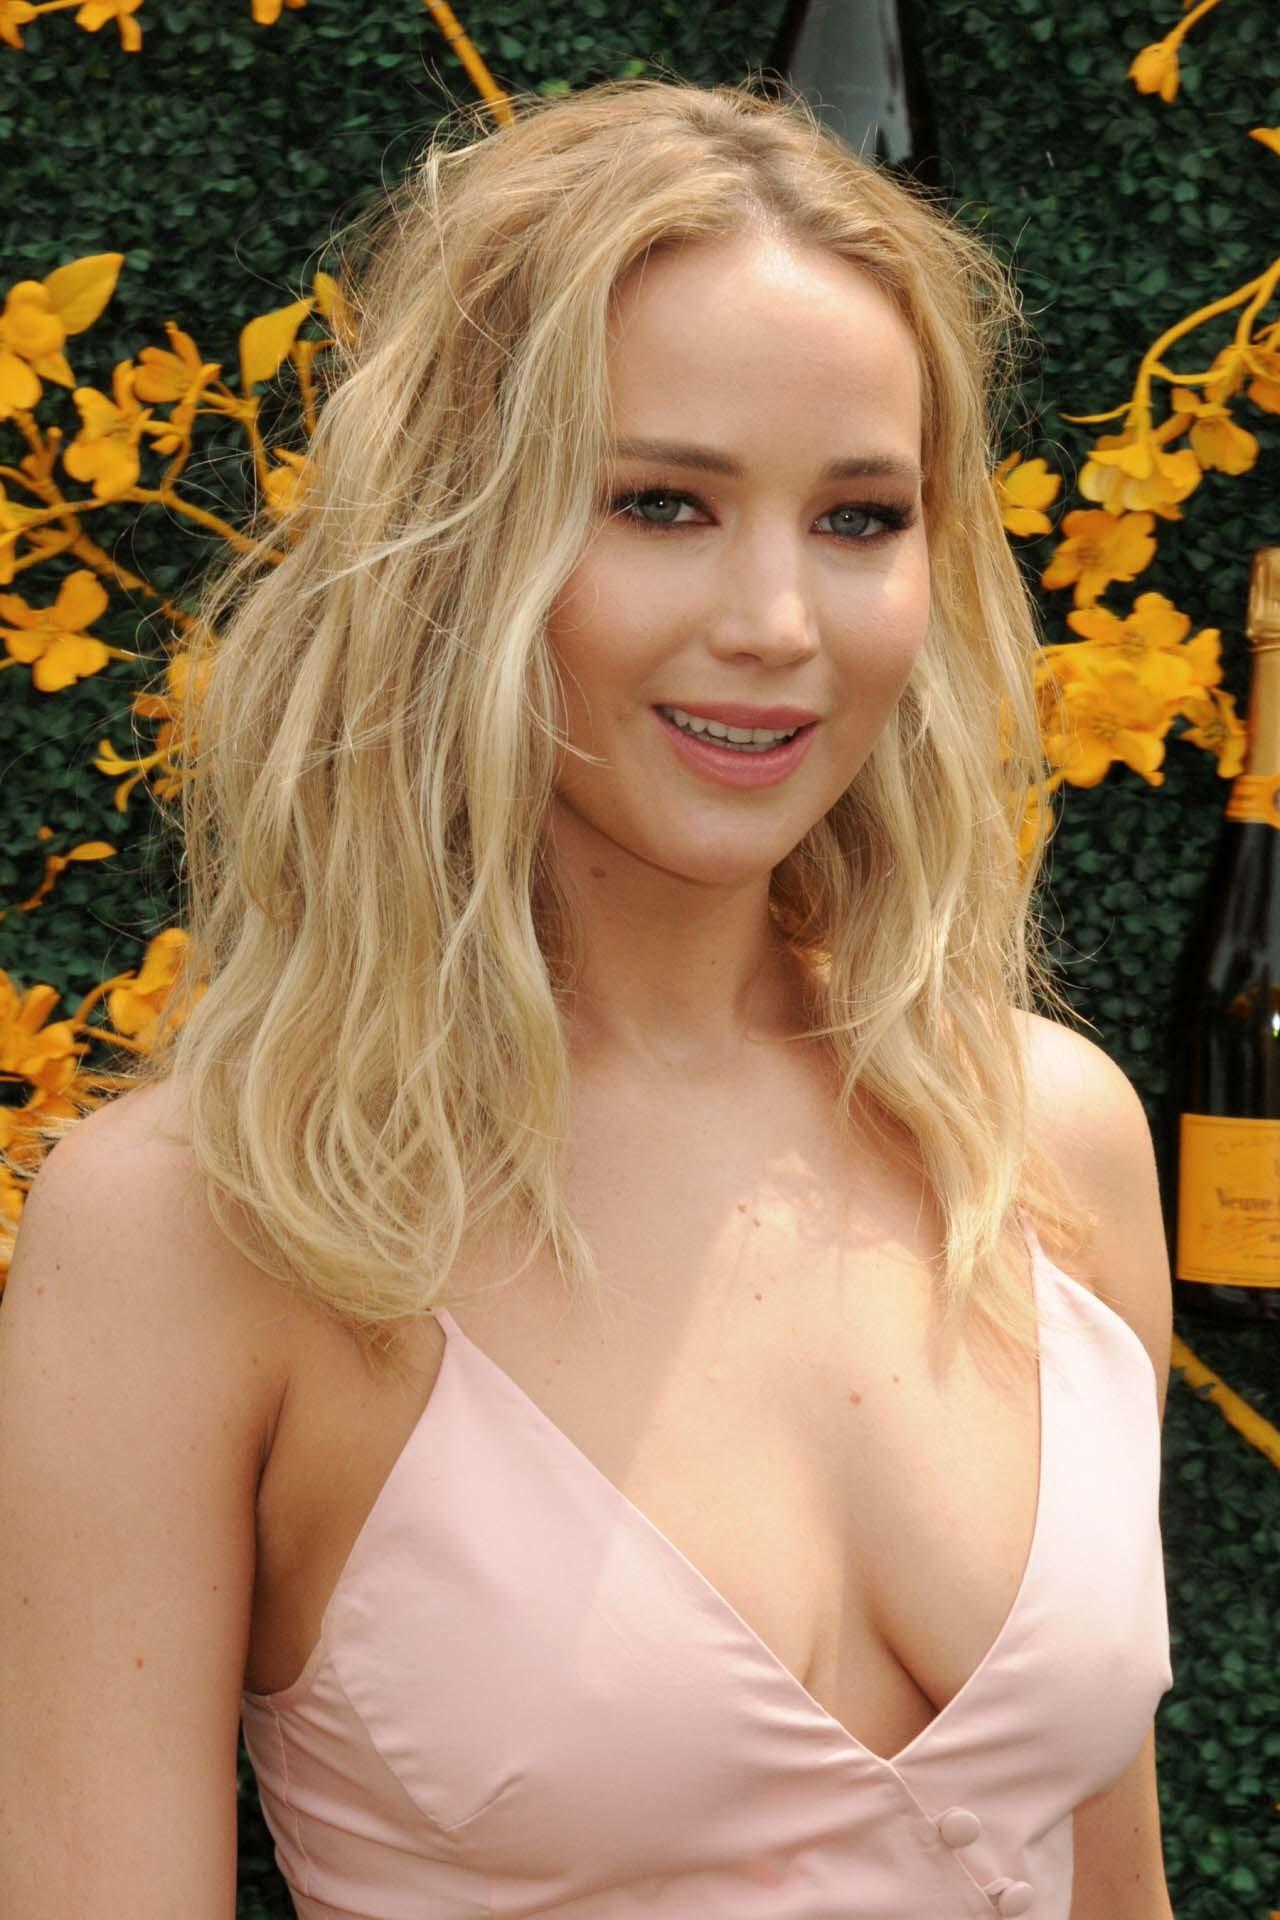 Los rubios cálidos, los dorados y los tonos miel son los colores más adecuados para las mujeres con la tez blanca y los ojos claros como Jennifer Lawrence.